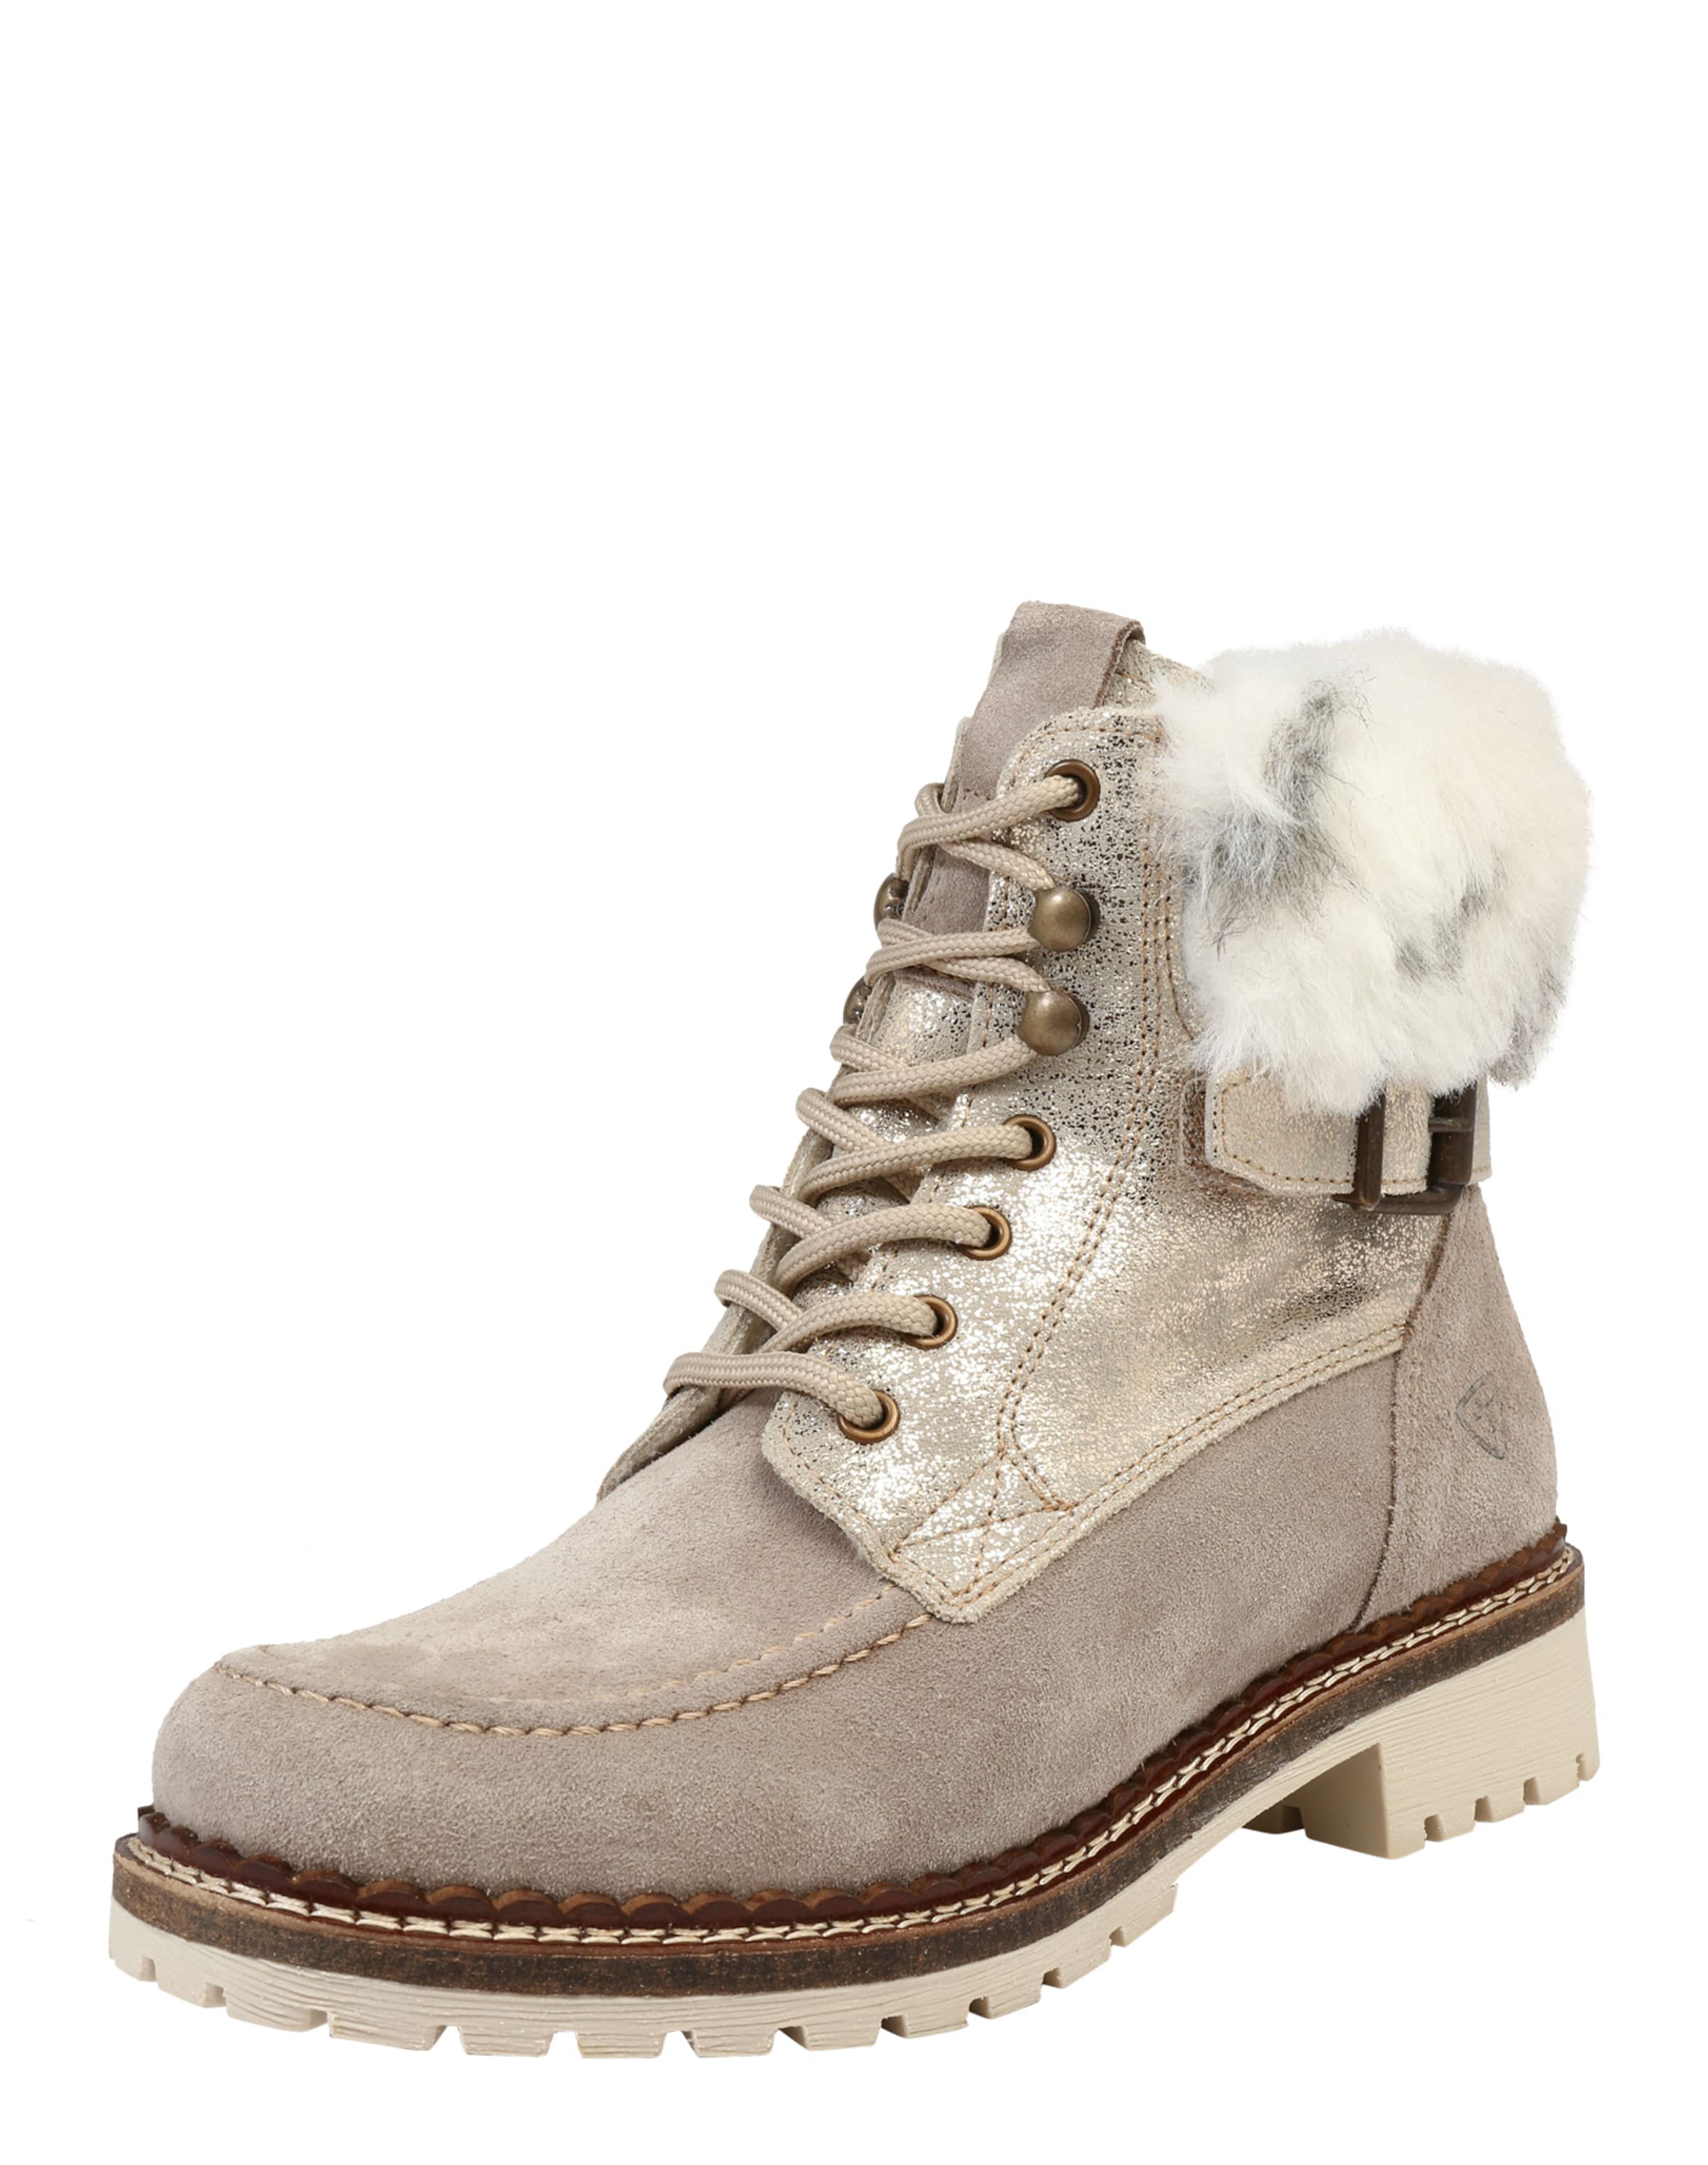 TAMARIS Schnürstiefelette aus Leder Verschleißfeste billige Schuhe